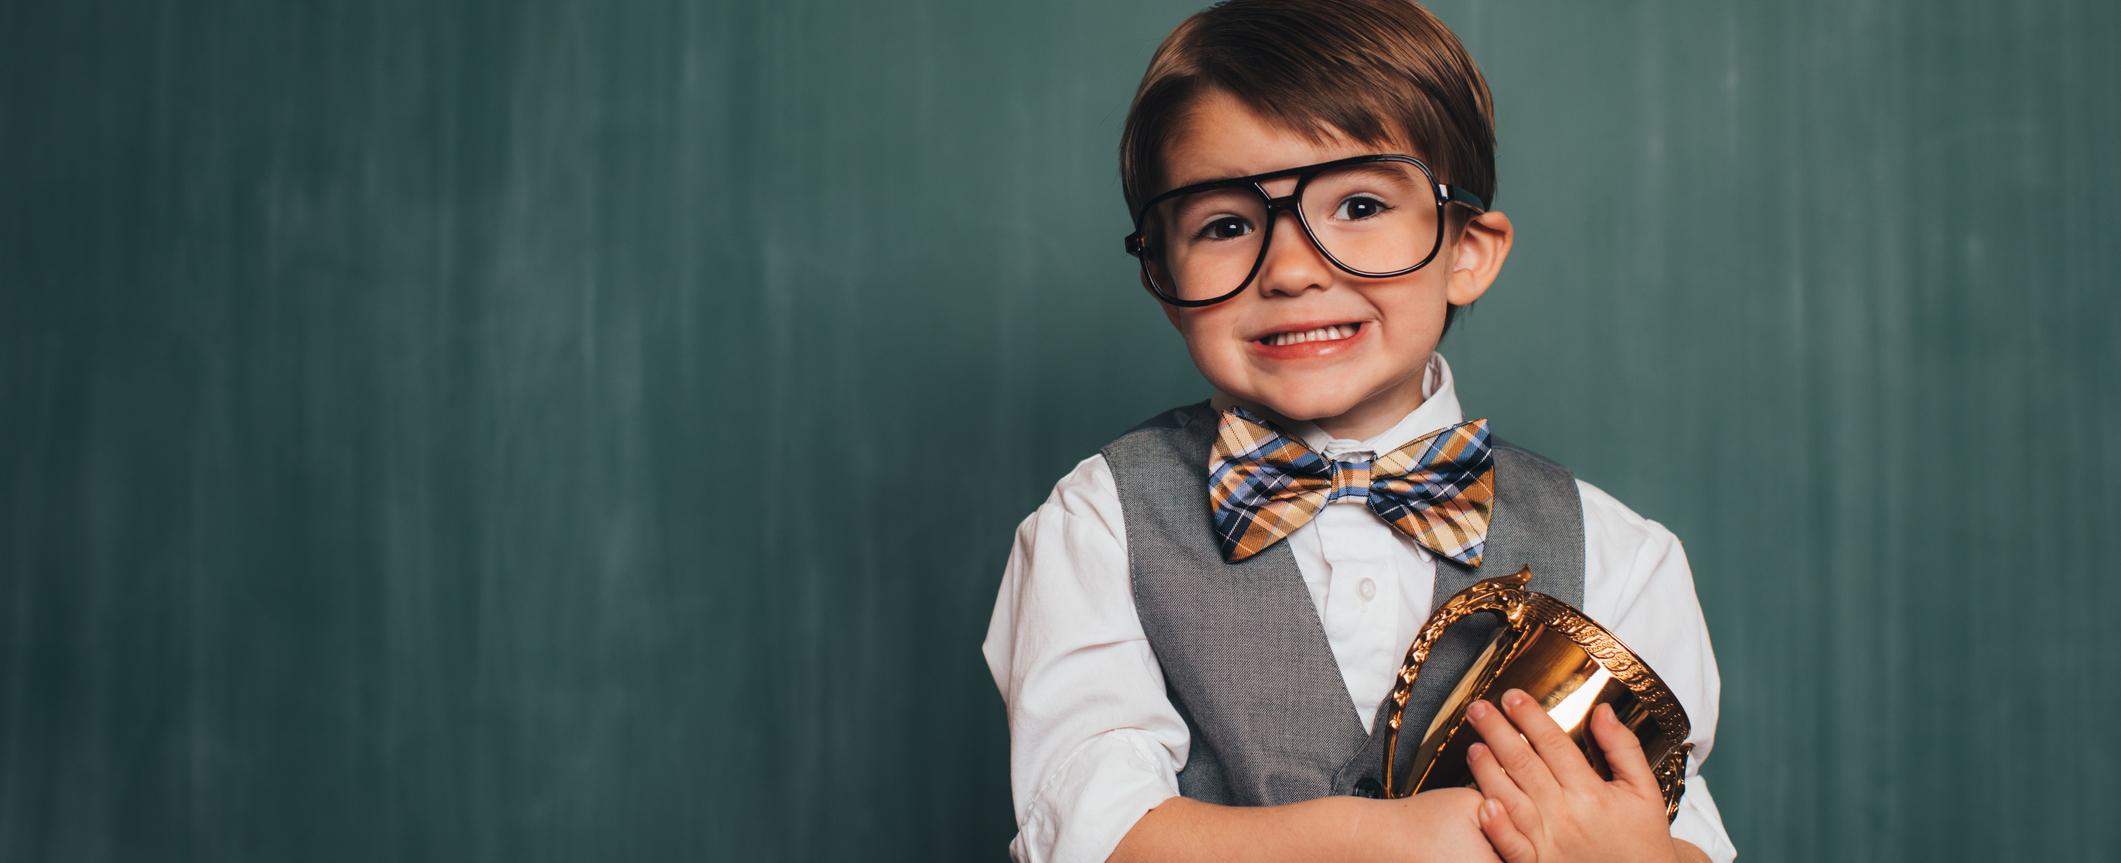 Conheça 4 iniciativas de Educação Empreendedora premiadas no Brasil